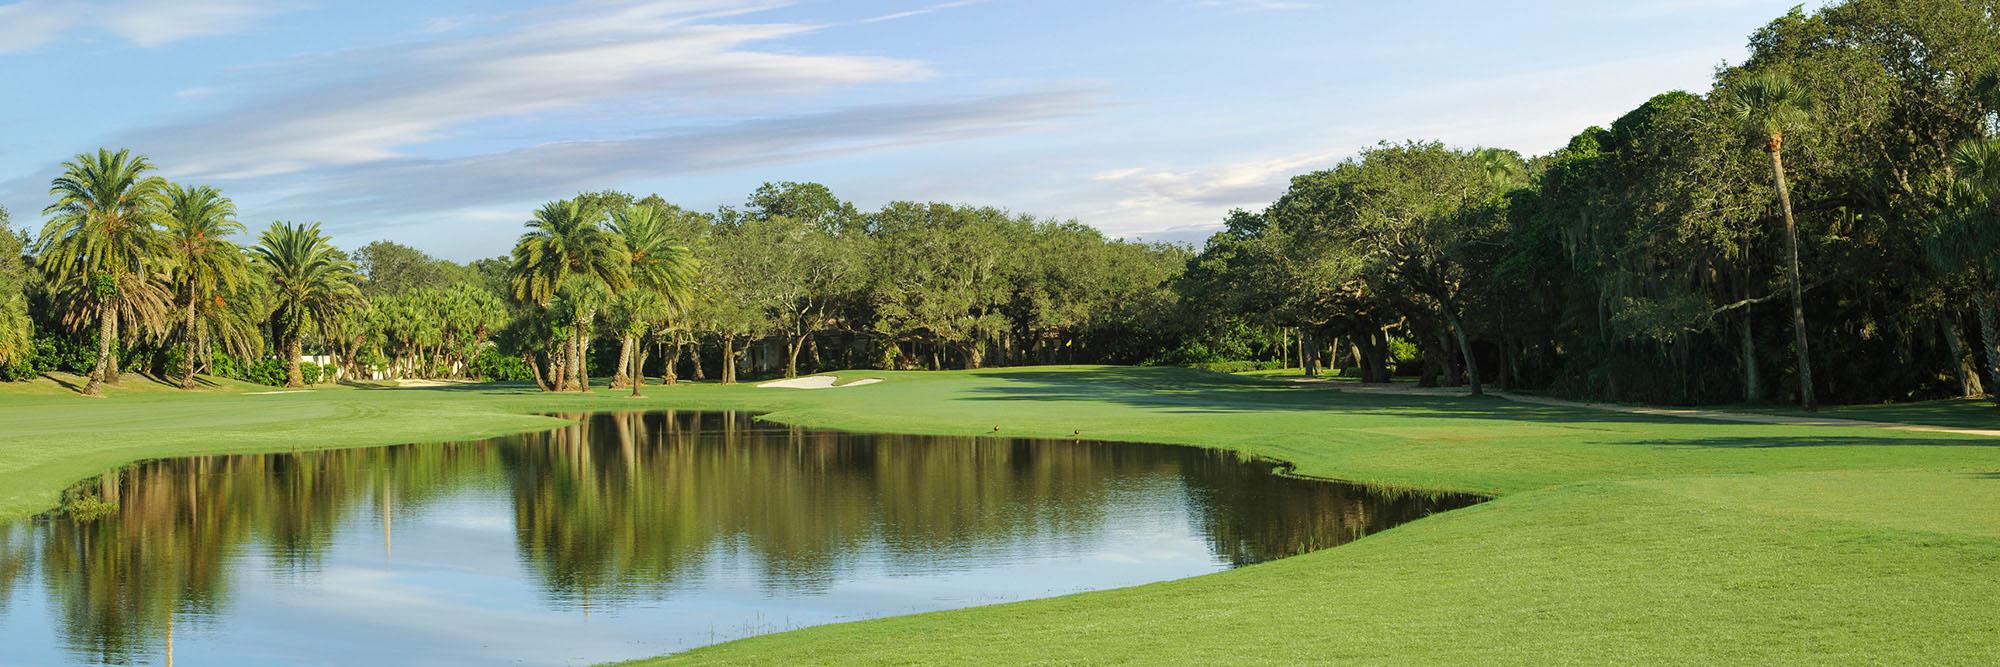 Golf Course Image - Riomar No. 11